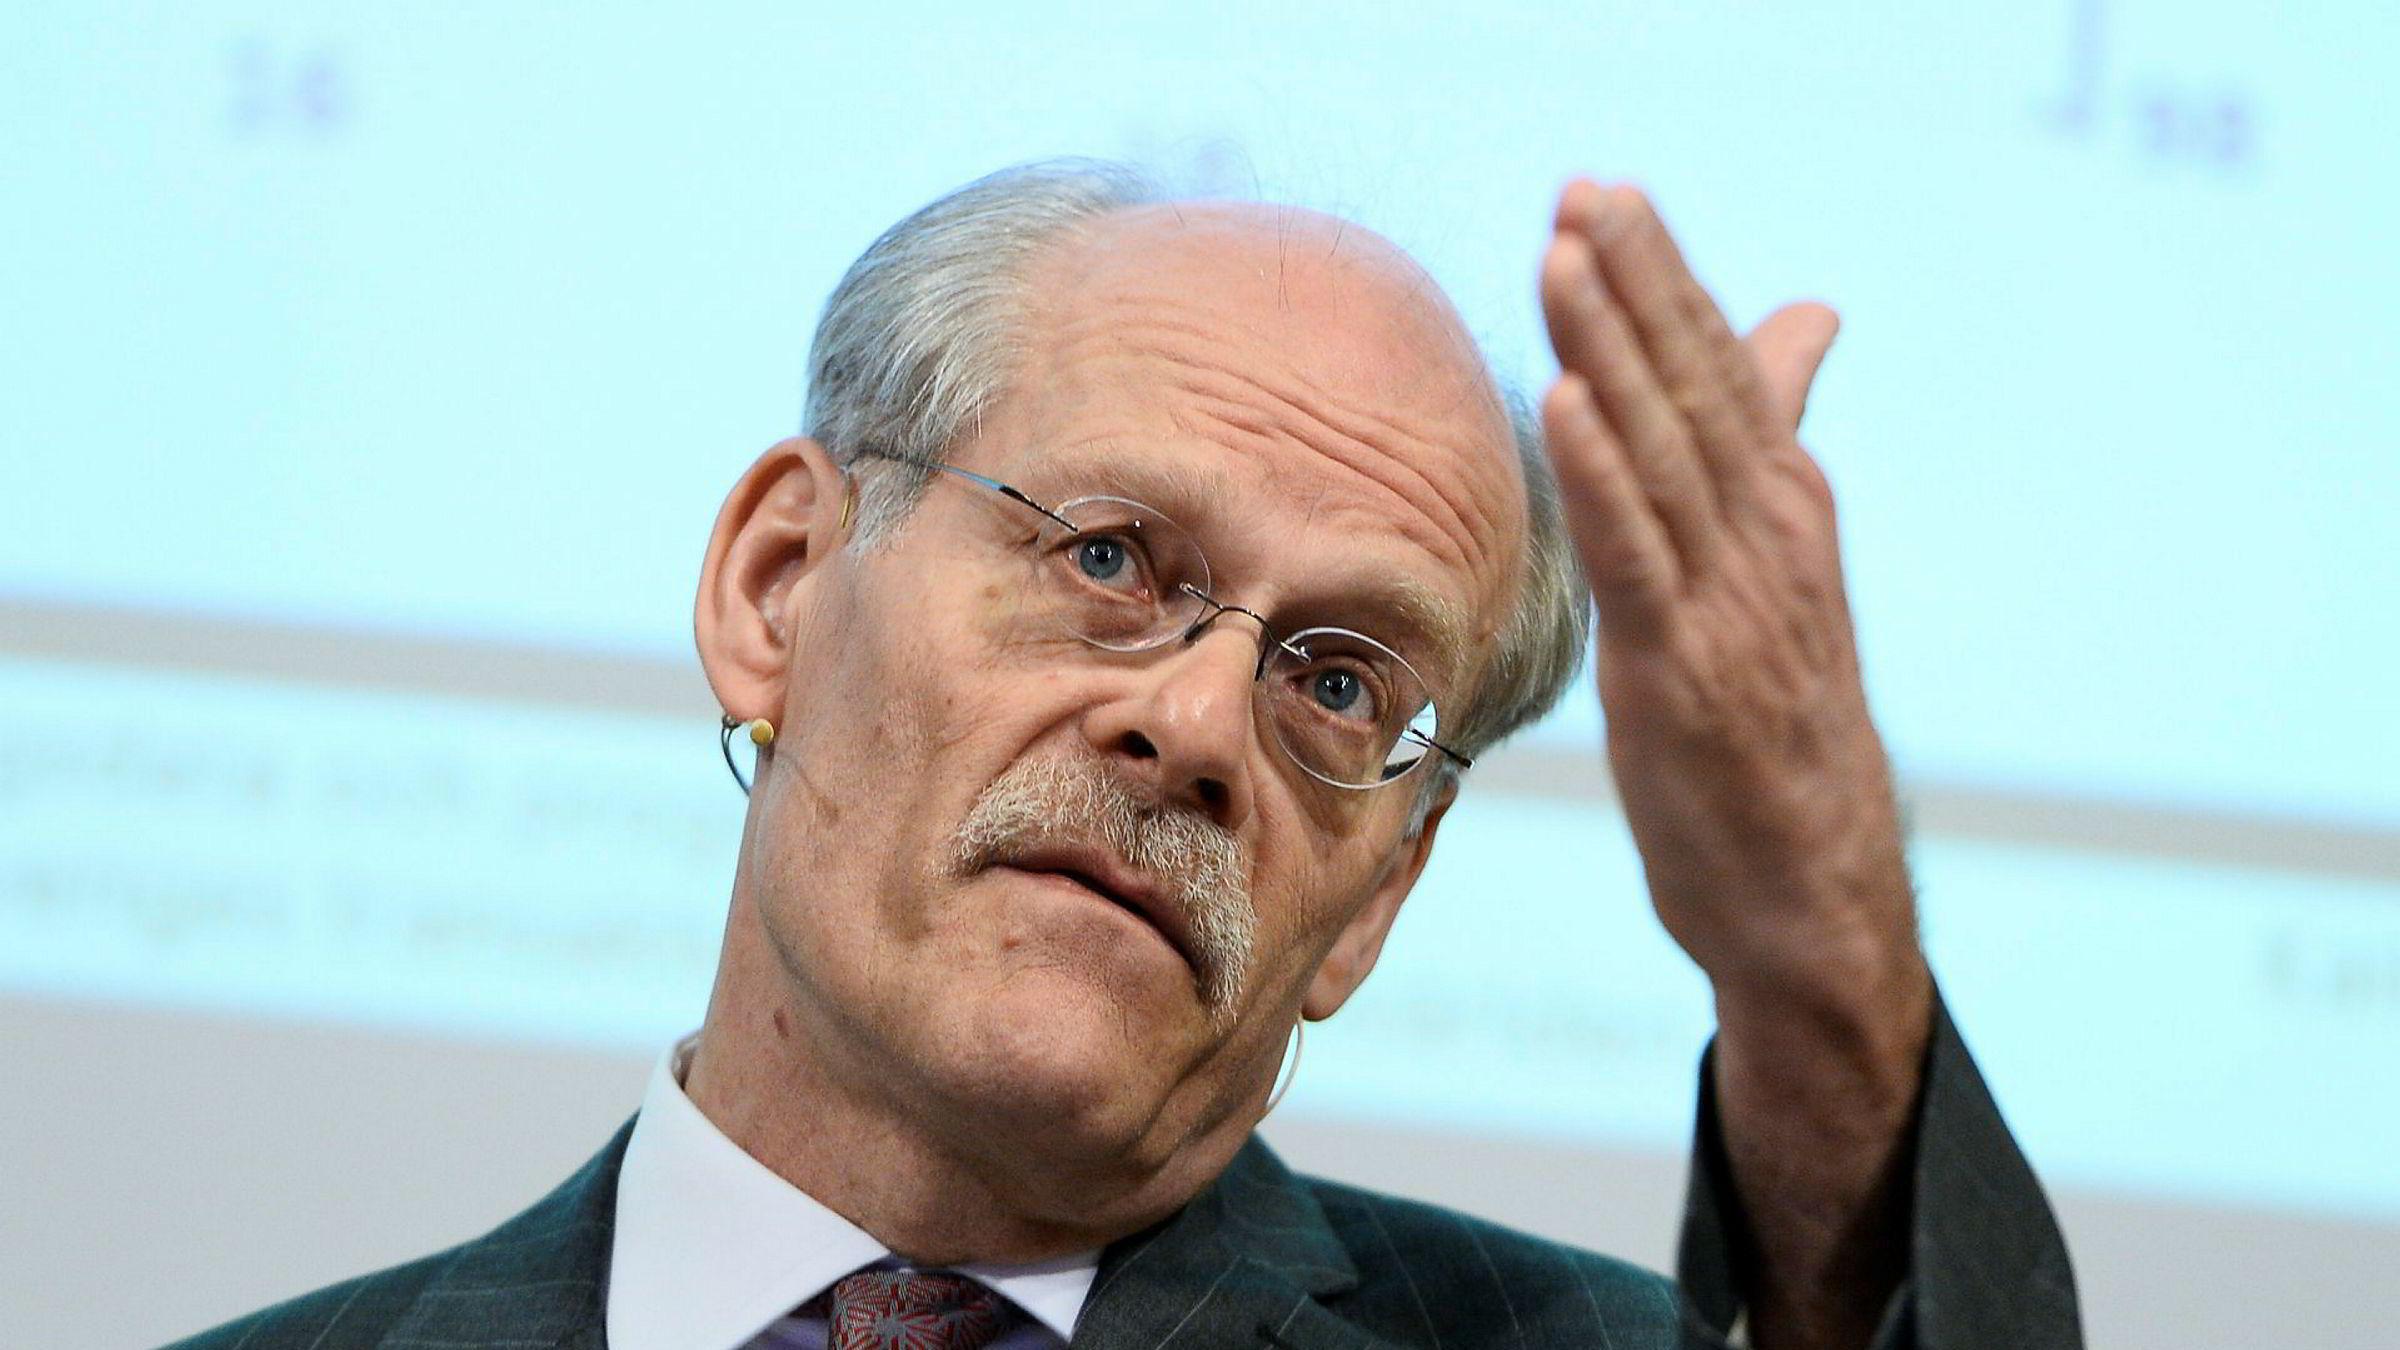 Sjefen for Riksbanken, Stefan Ingves, var med å feire bankens 350 årsdag fredag.